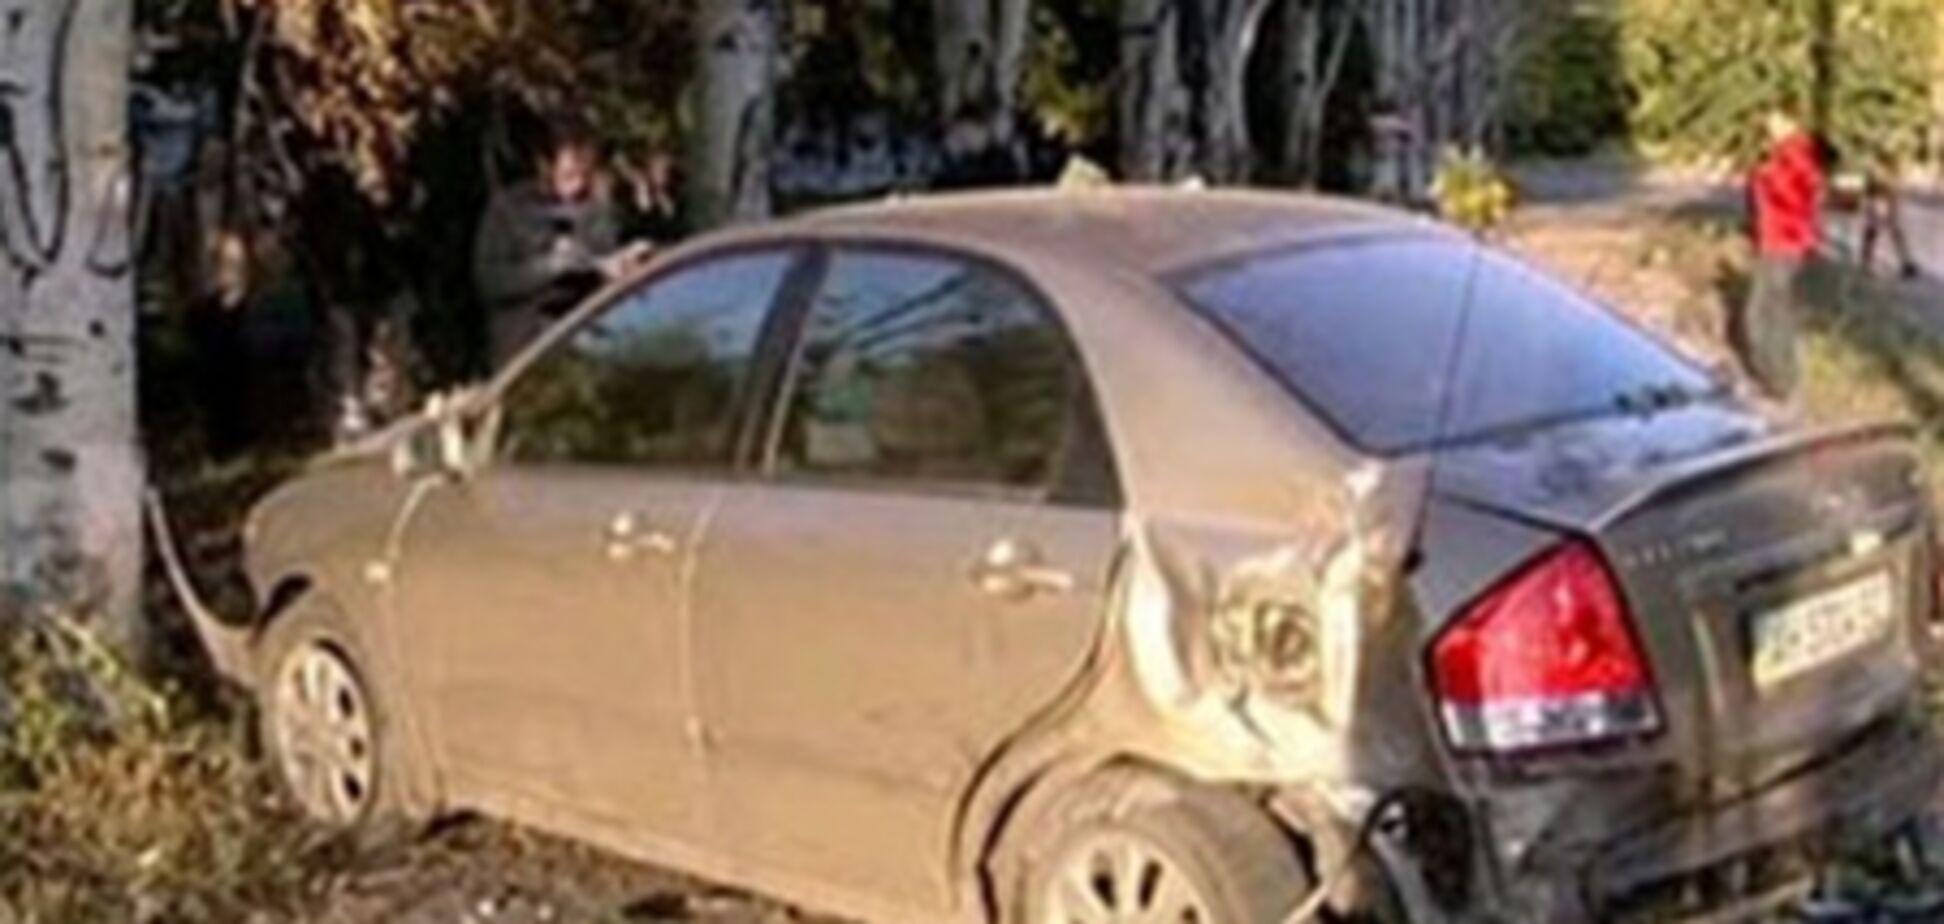 ДТП с участием экс-мэра Димитрова: родным погибшей предлагали квартиру